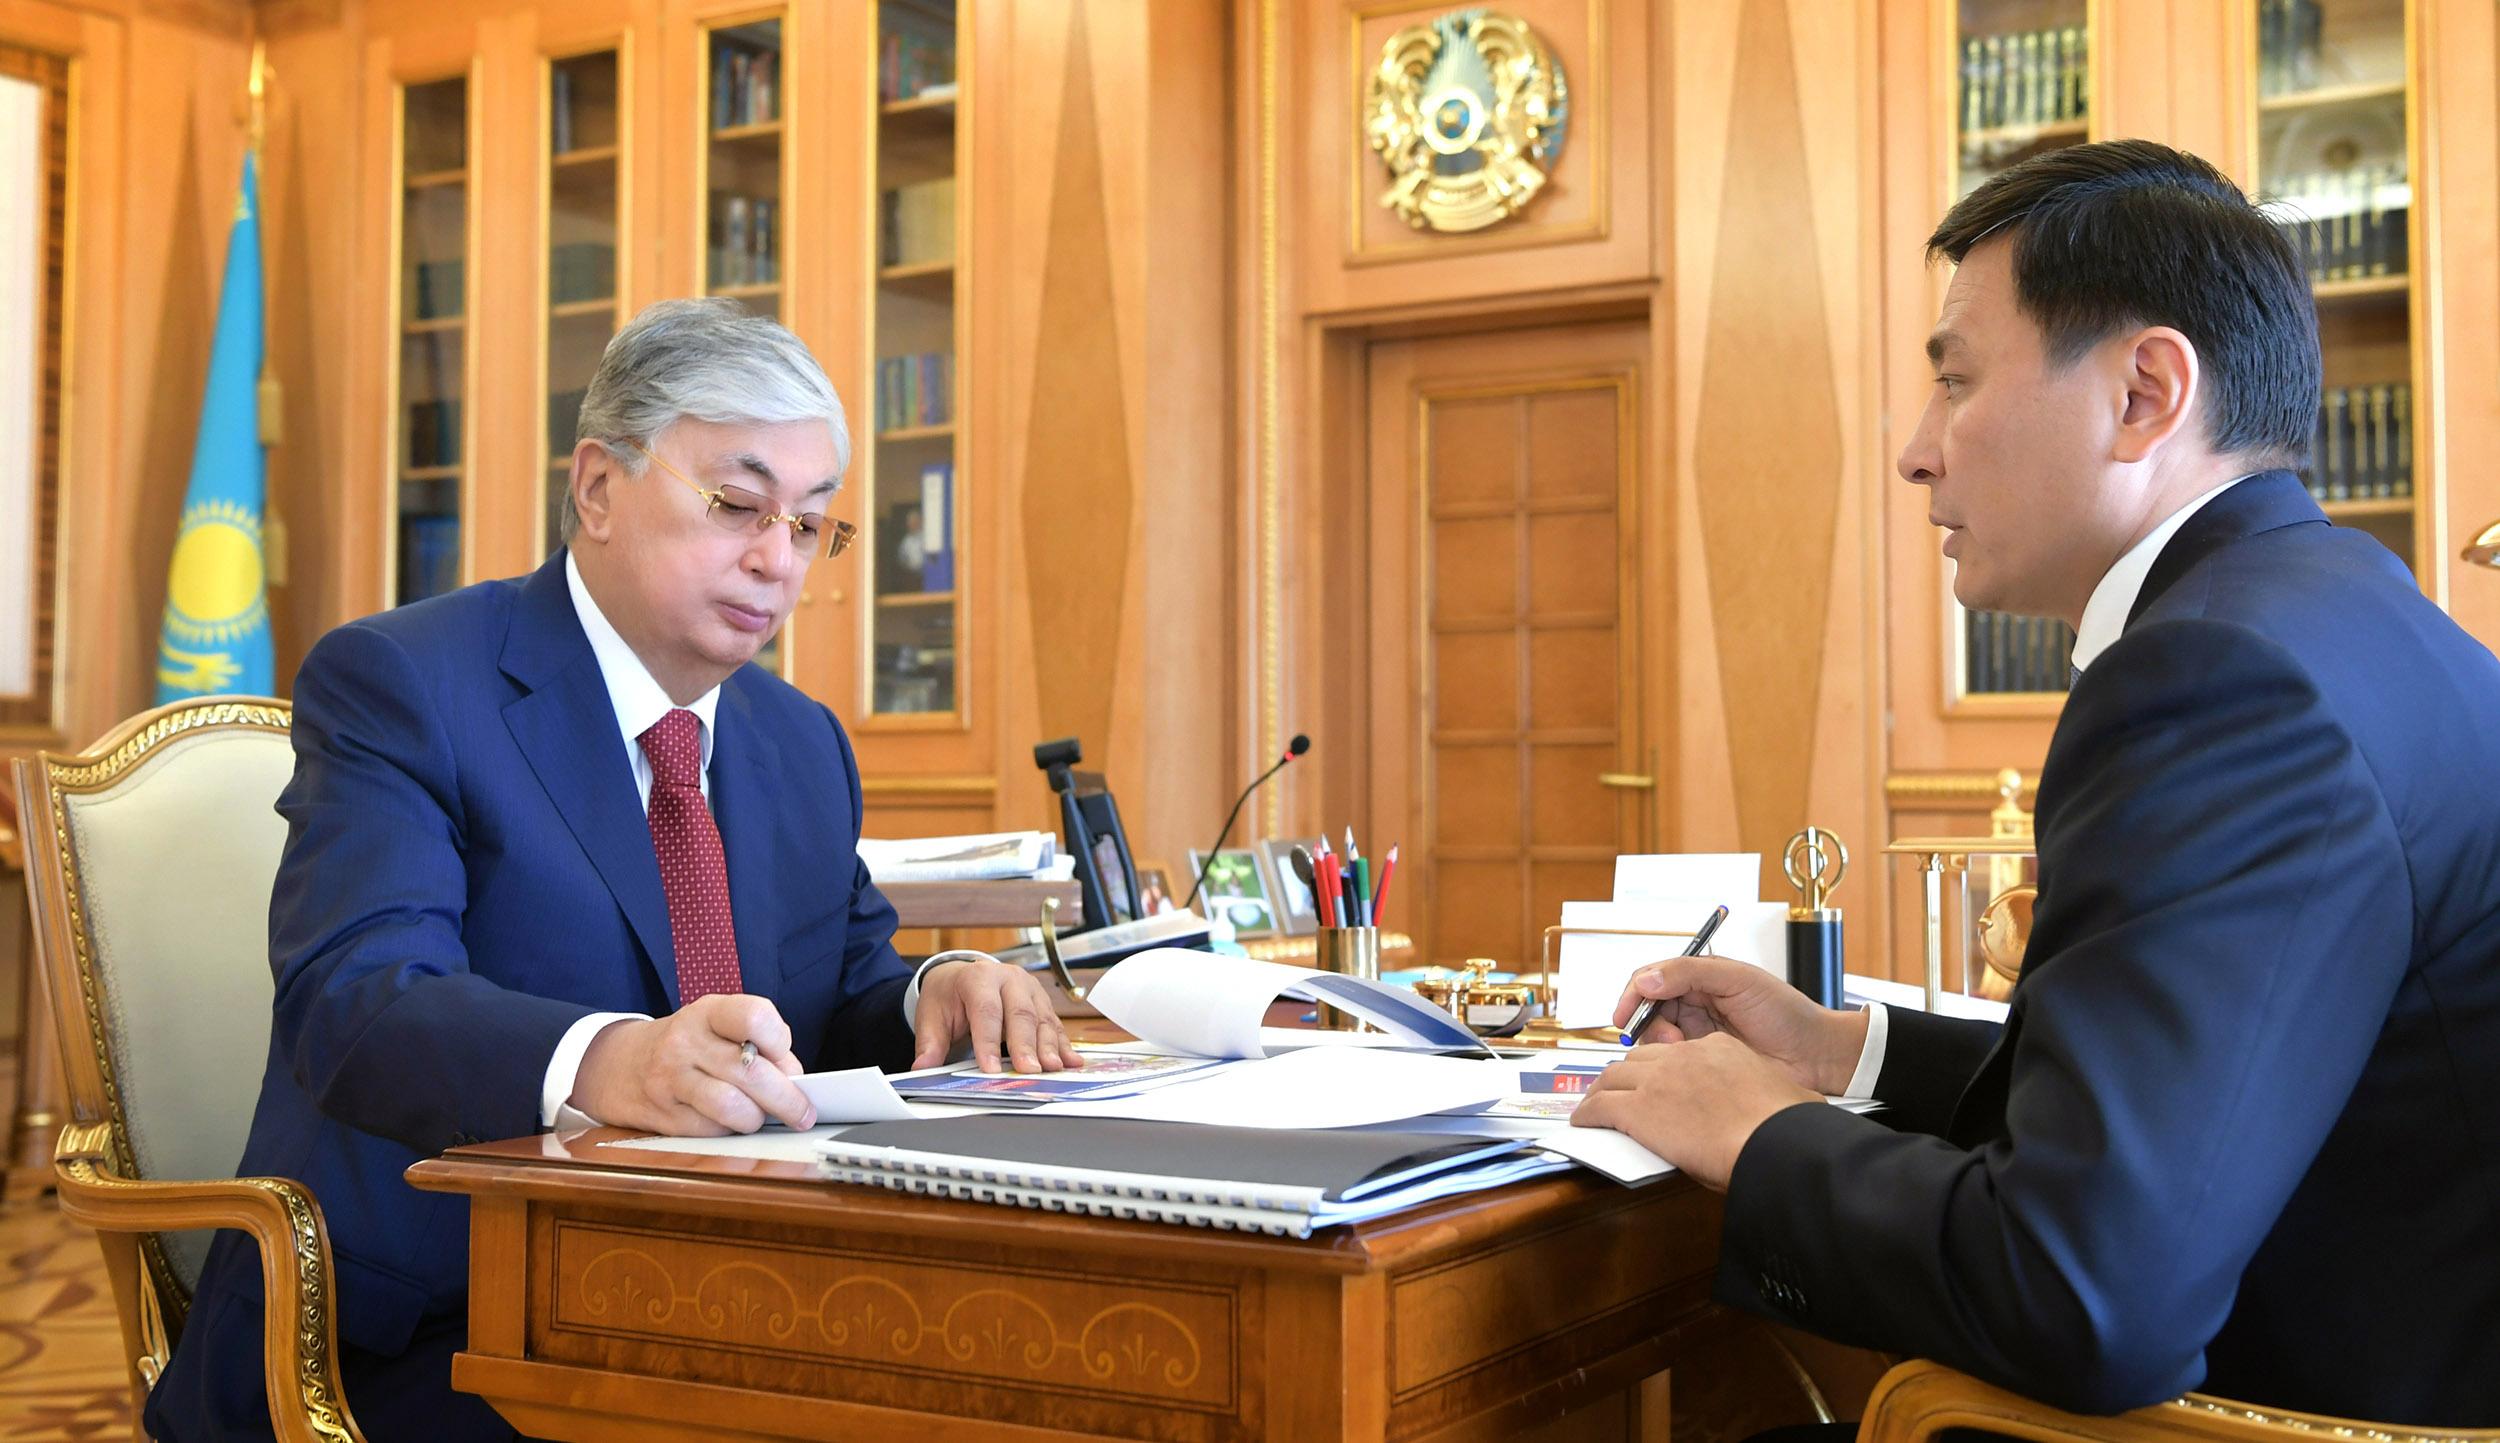 Токаев дал Алтаю Кульгинову ряд поручений по наращиванию темпов строительства городских объектов